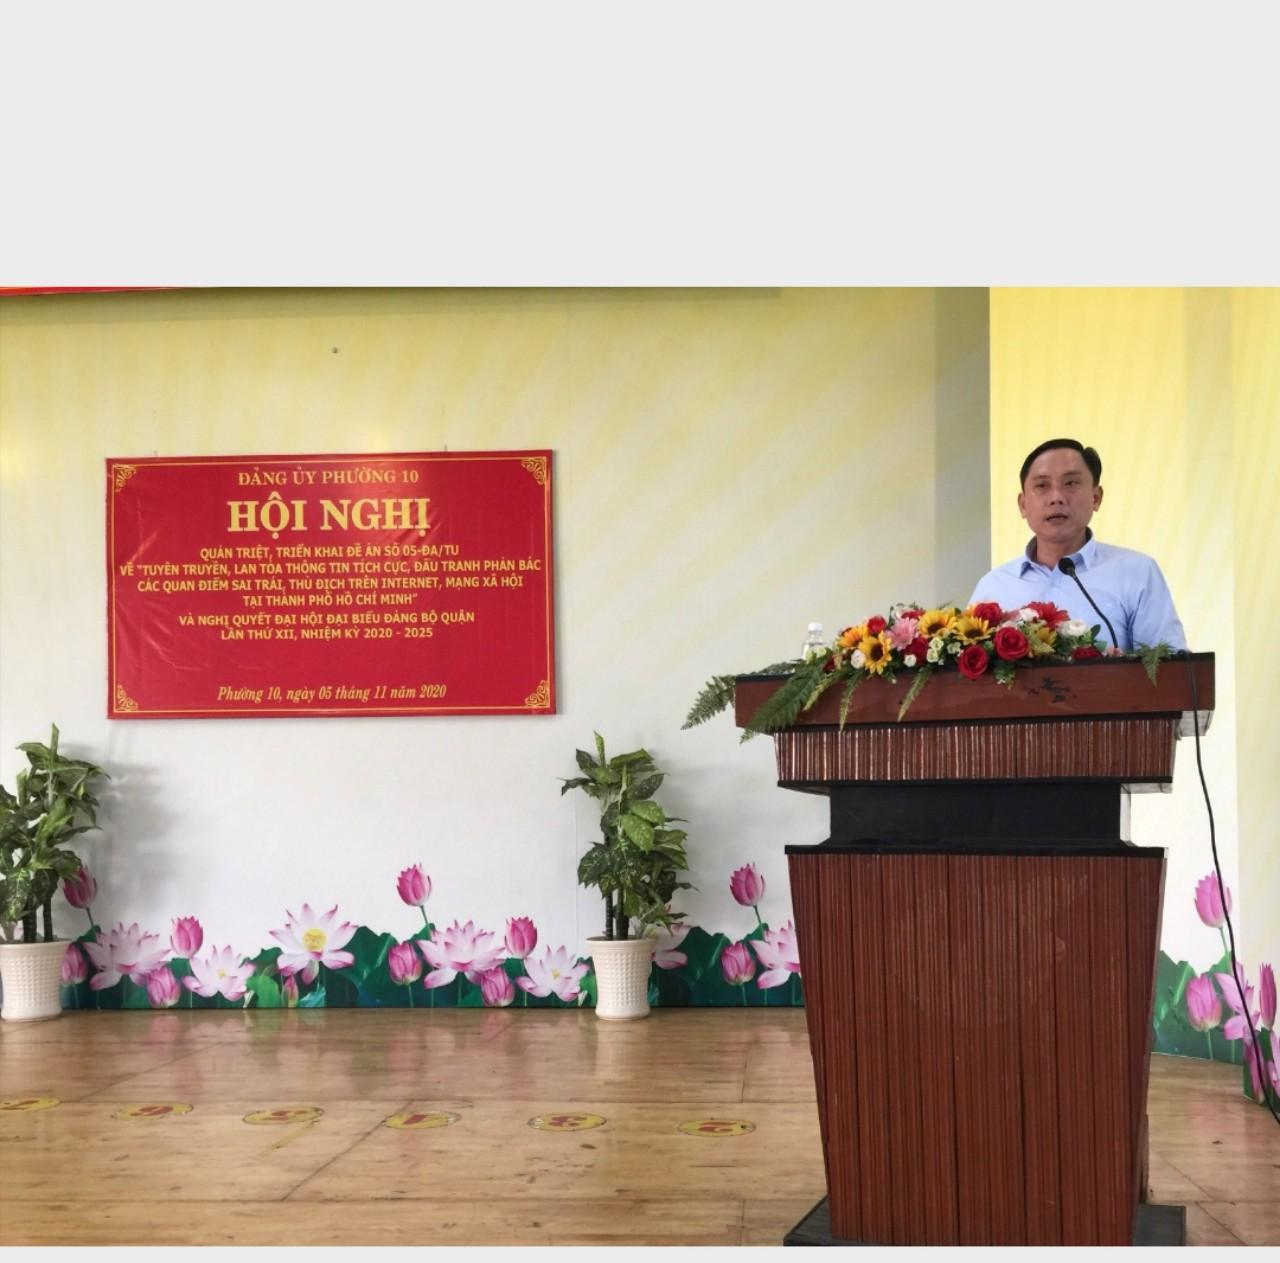 Đảng ủy Phường 10 quận Tân Bình tổ chức hội nghị học tập, quán triệt, triển khai Đề án số 05-ĐA/TU ngày 19/6/2020 của Ban Thường vụ Thành ủy TPHCM